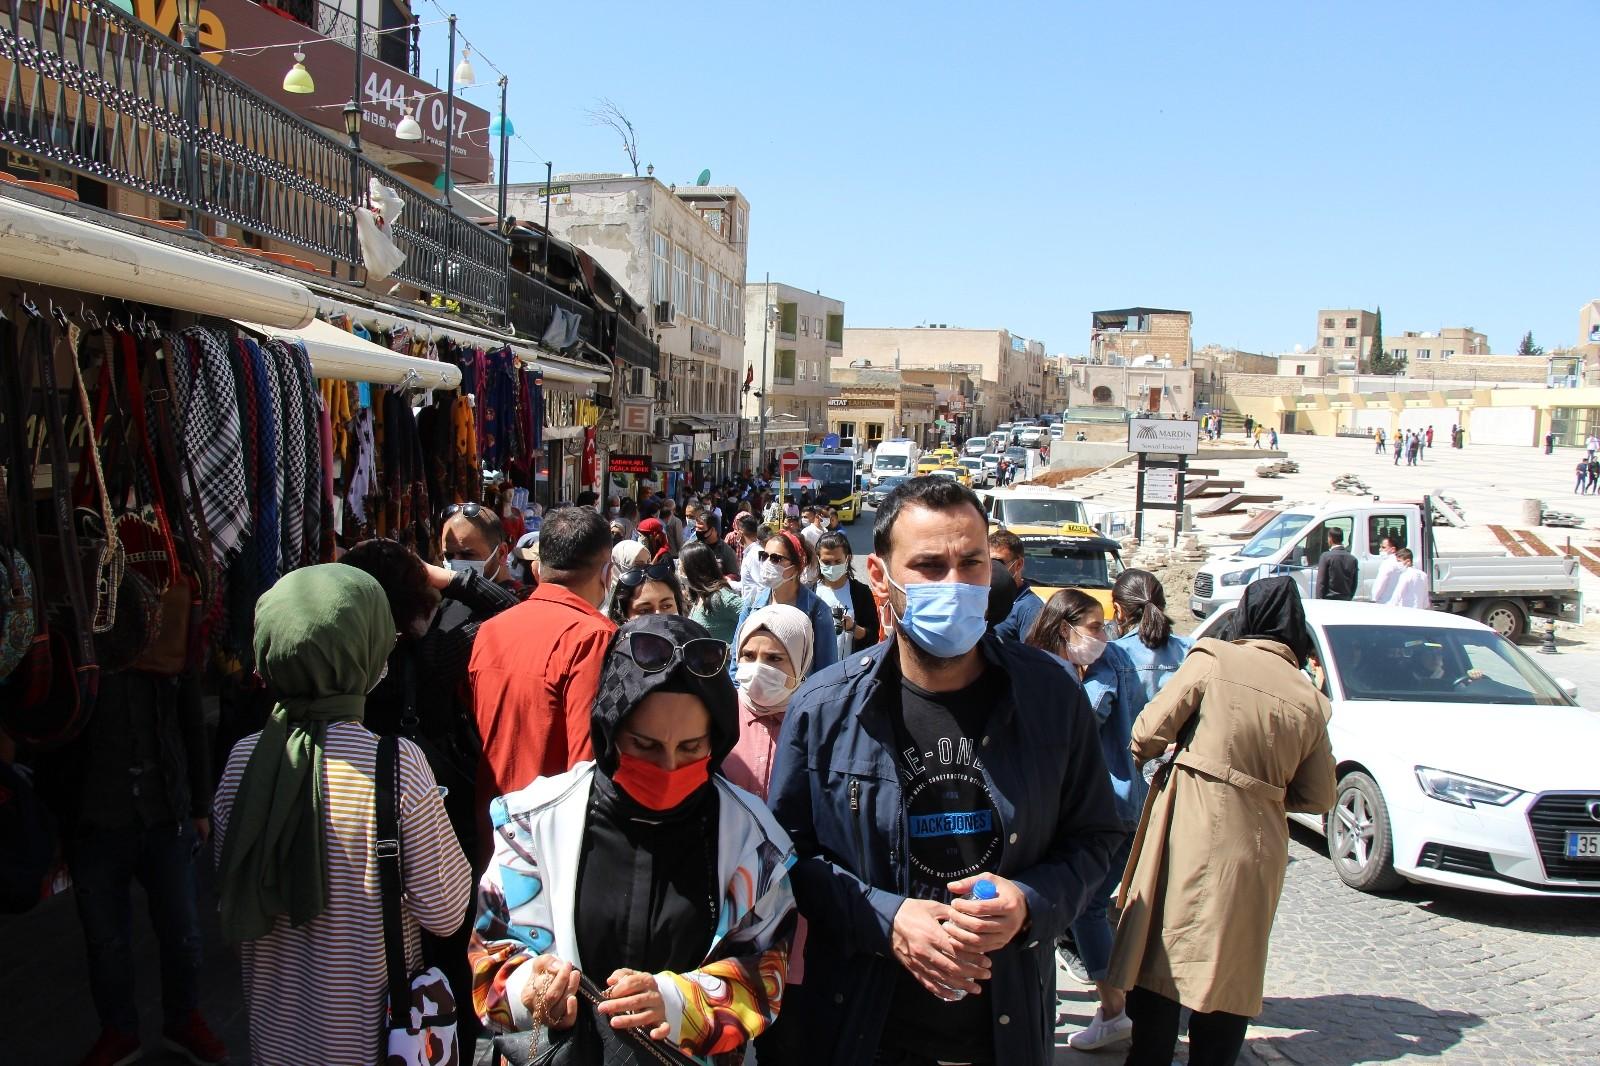 Mardin'in tarihi bölgelerinde turist kalabalığı